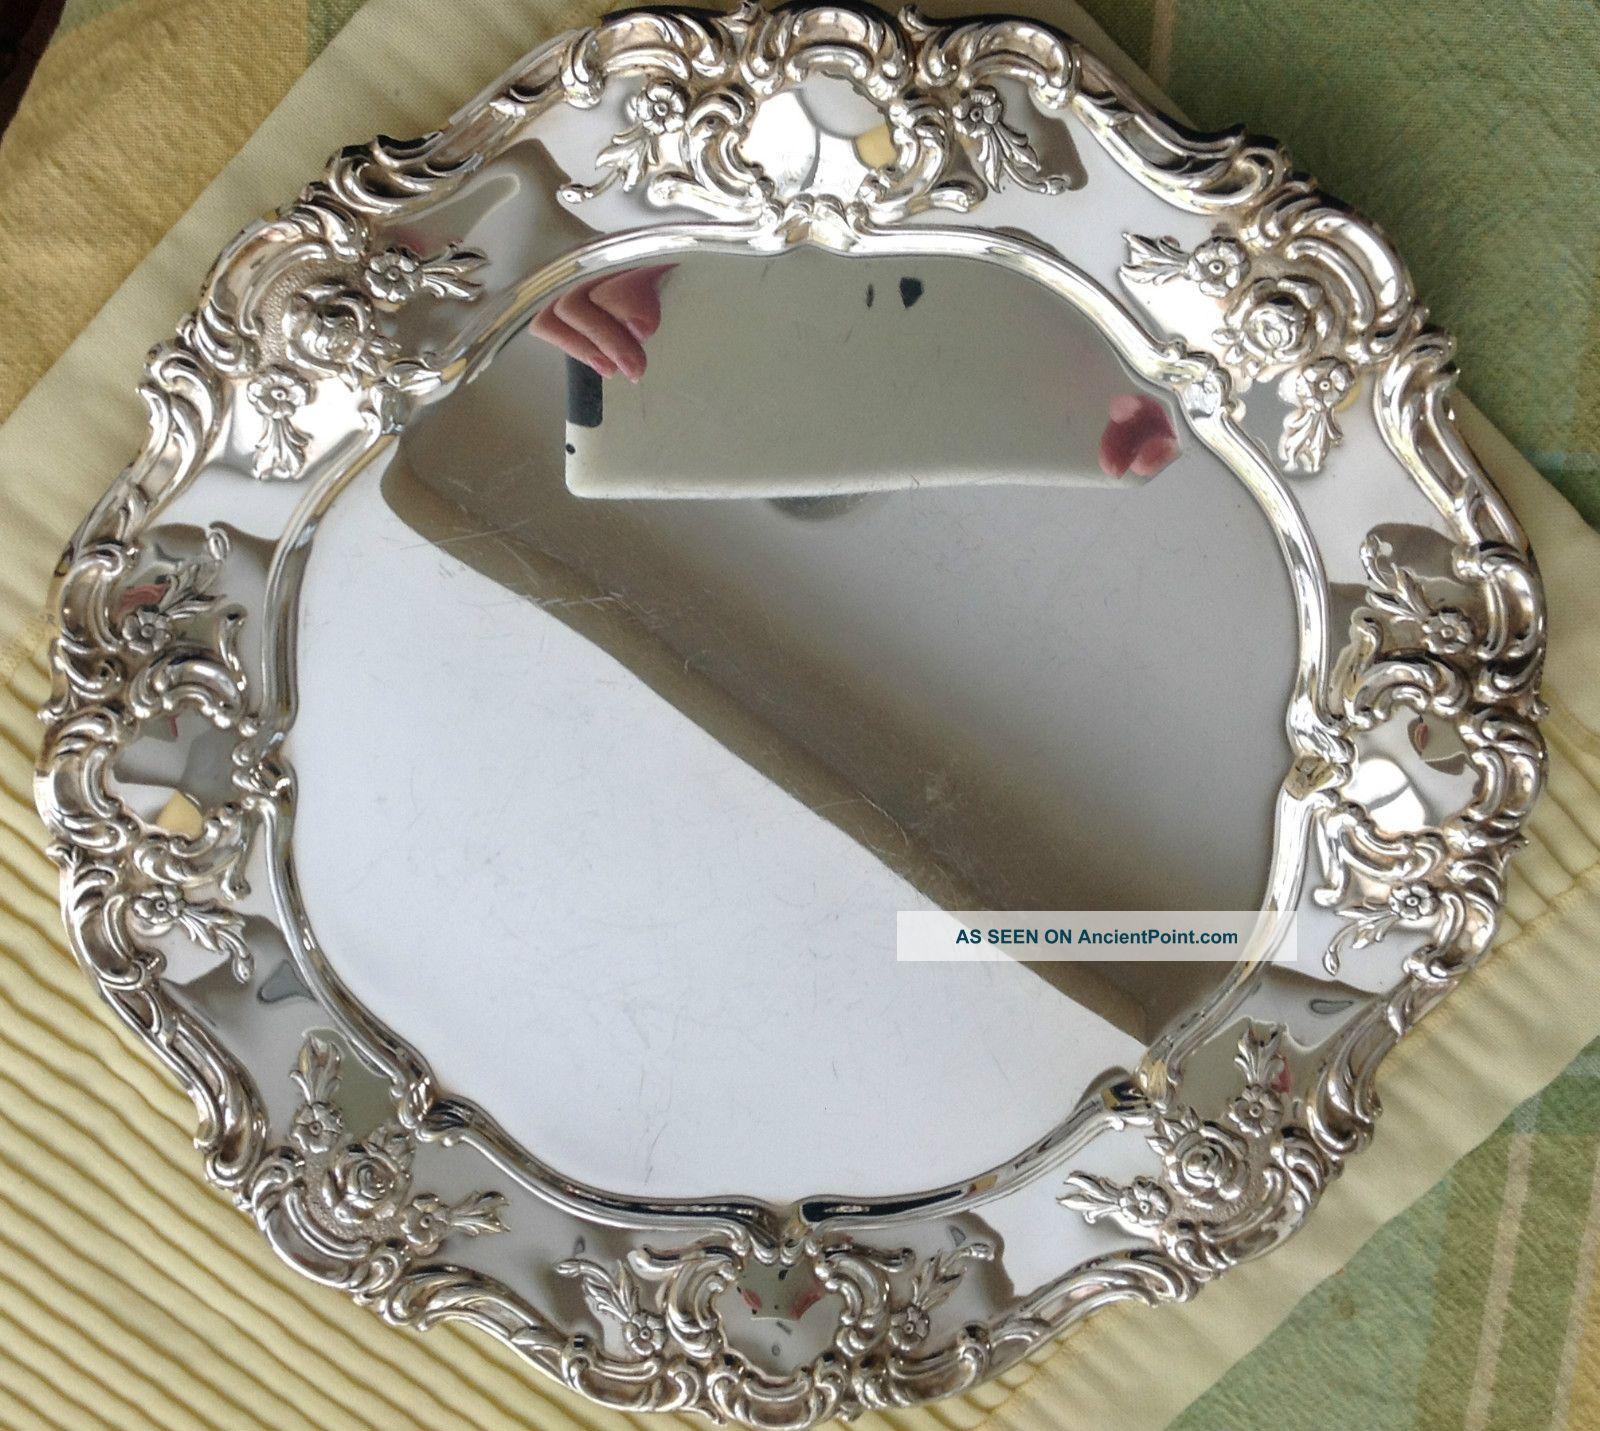 Towle Silverplate Bowl W/matching Platter Bowls photo